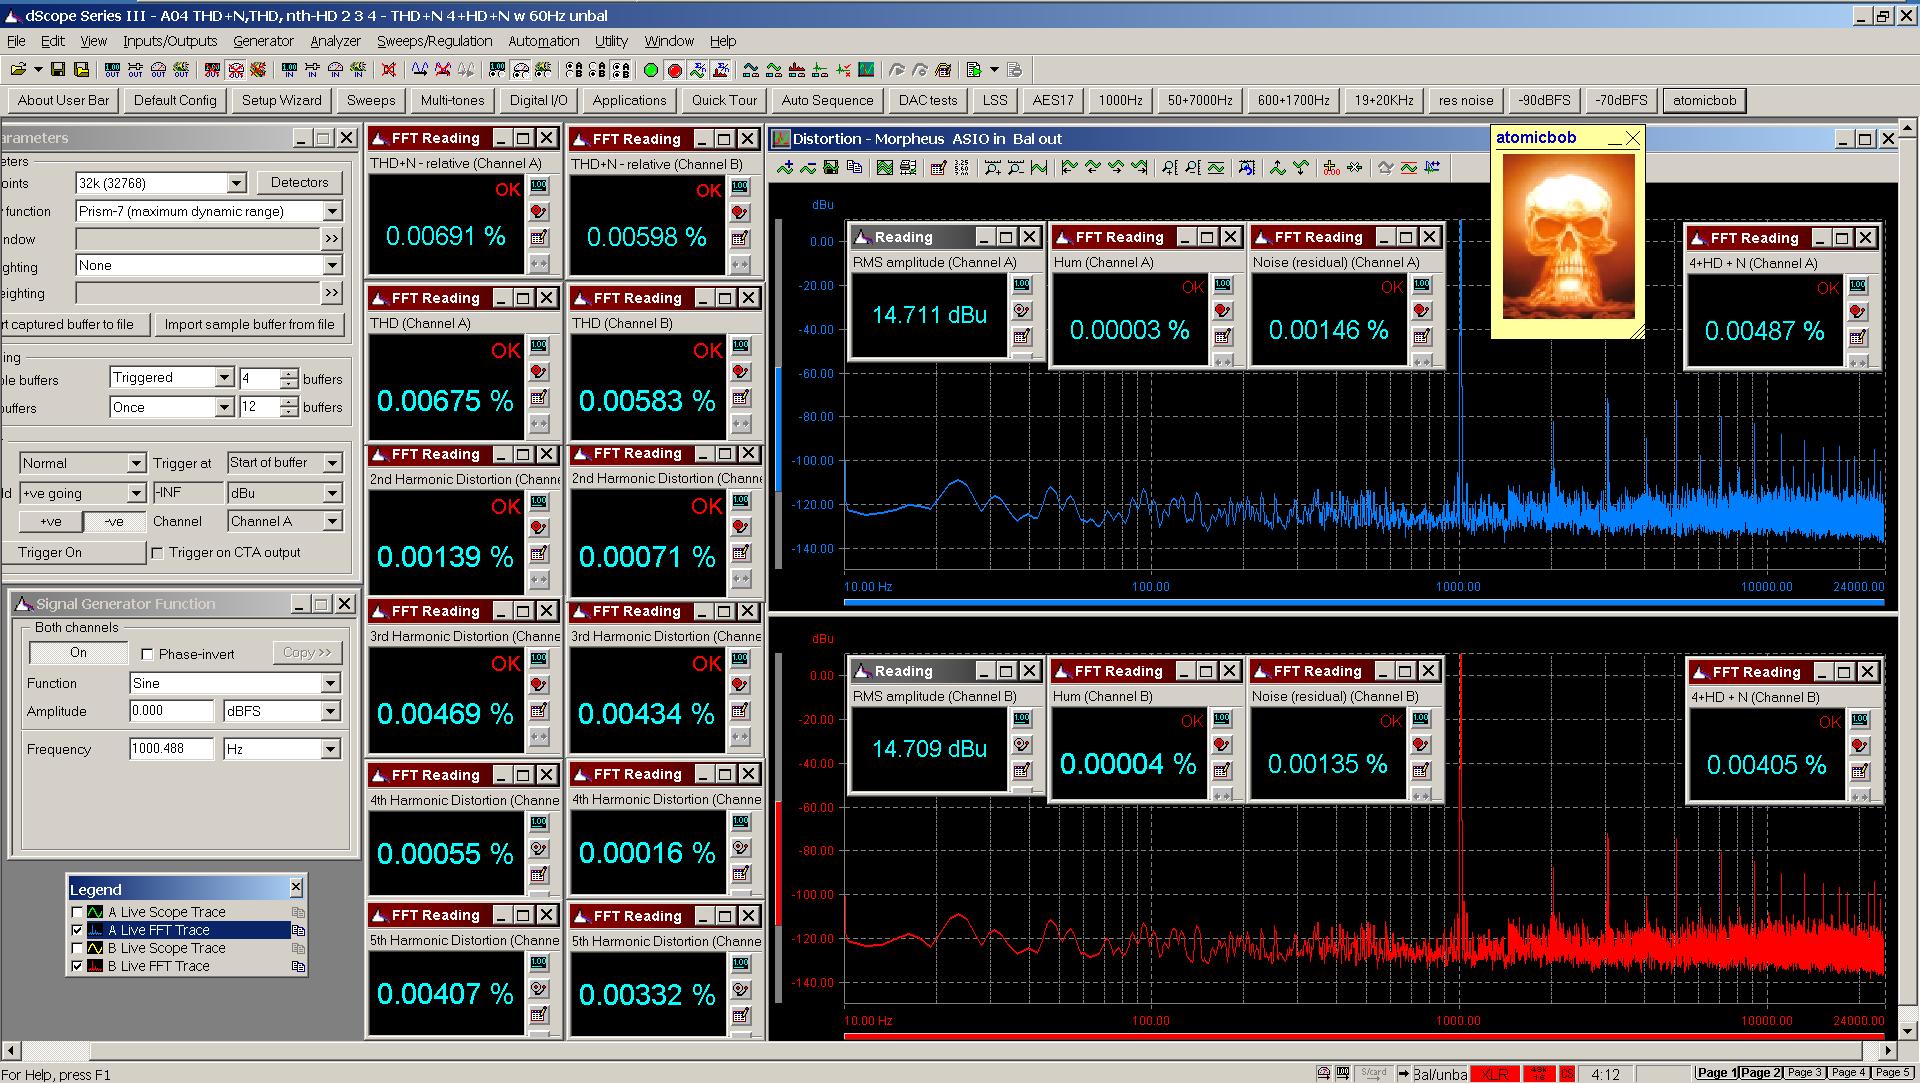 20200717 morpheus A04 THD+N THD nth-HD 4+HD+N 60Hz FFT Bal 0dBFS - USB.png